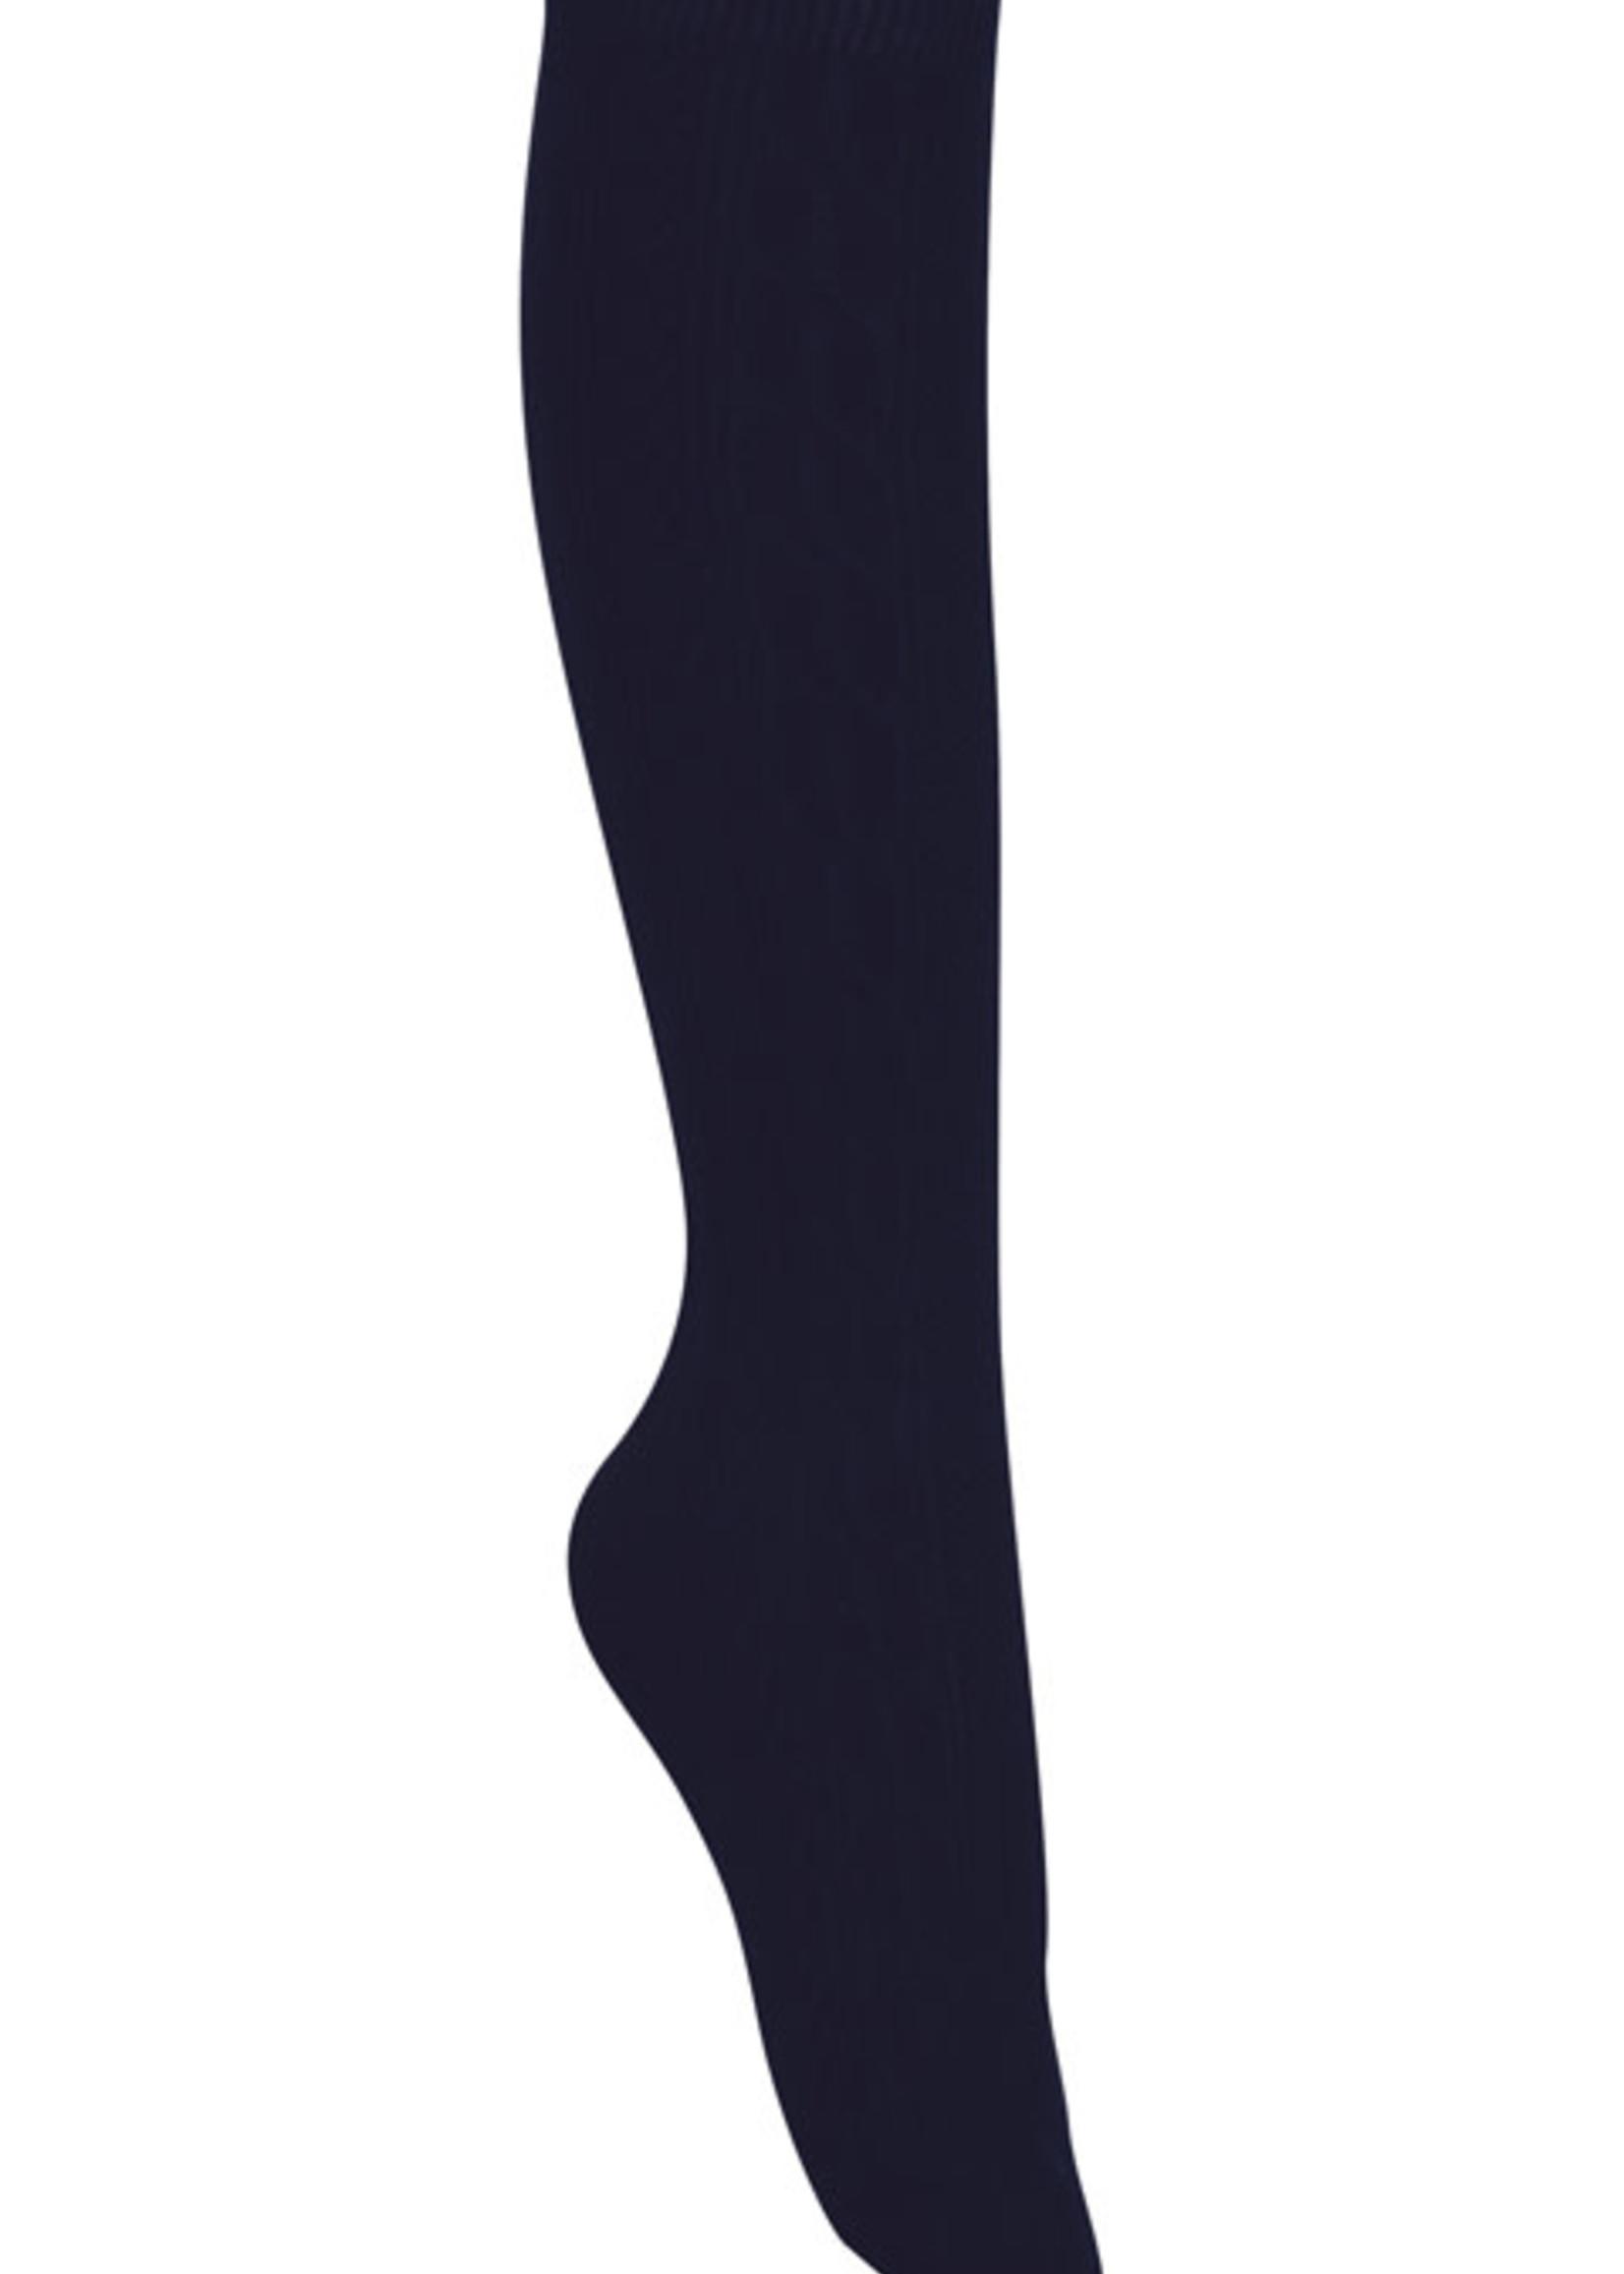 5HF102 Socks Knee Hi Cable Knit 3 Pack